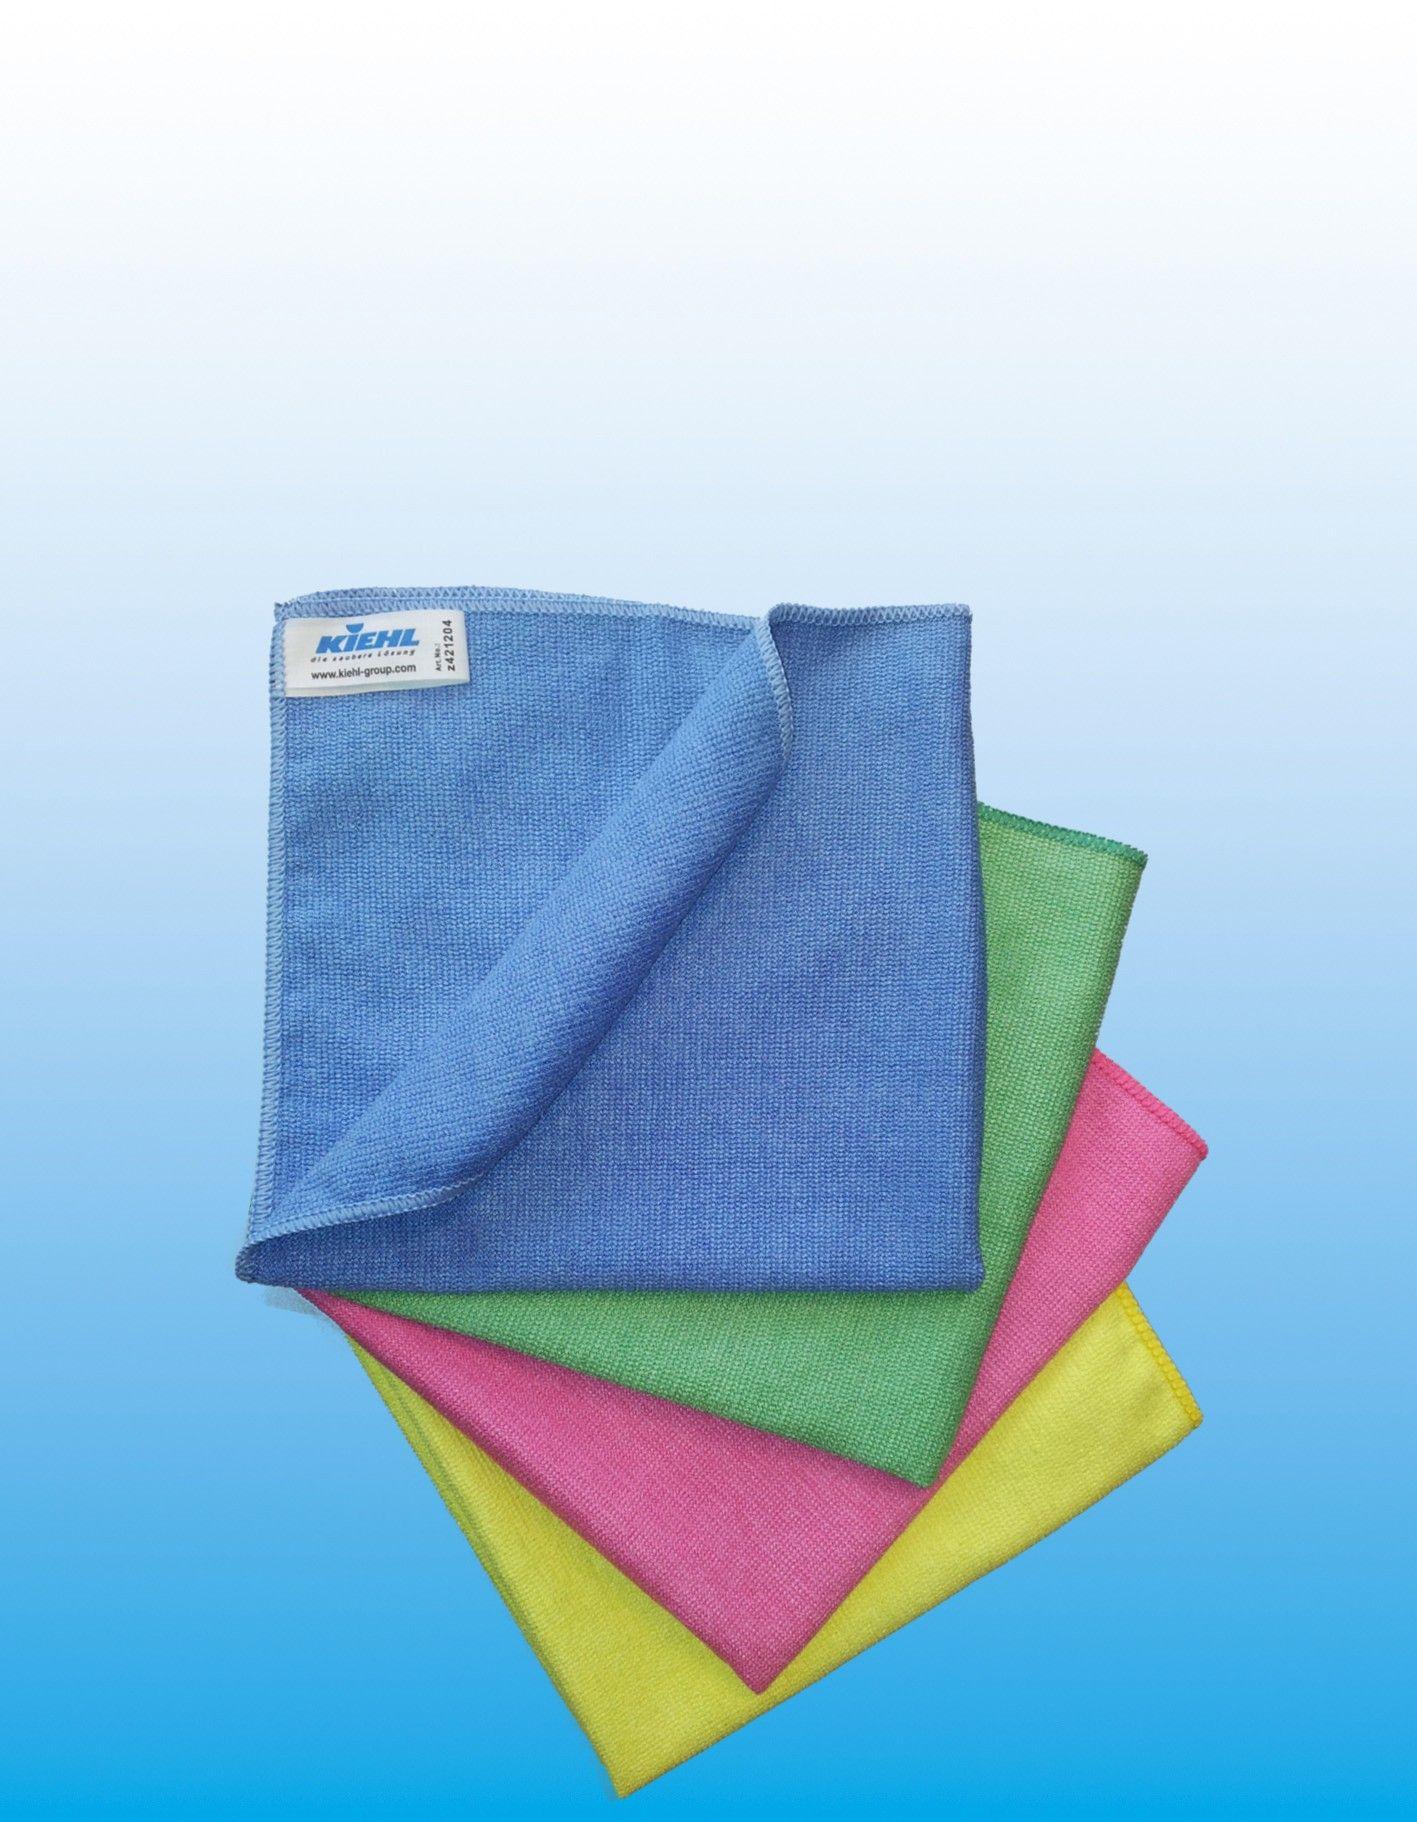 Микроволоконная салфетка 40х35 см, синяя, fine,  Johannes Kiehl KG